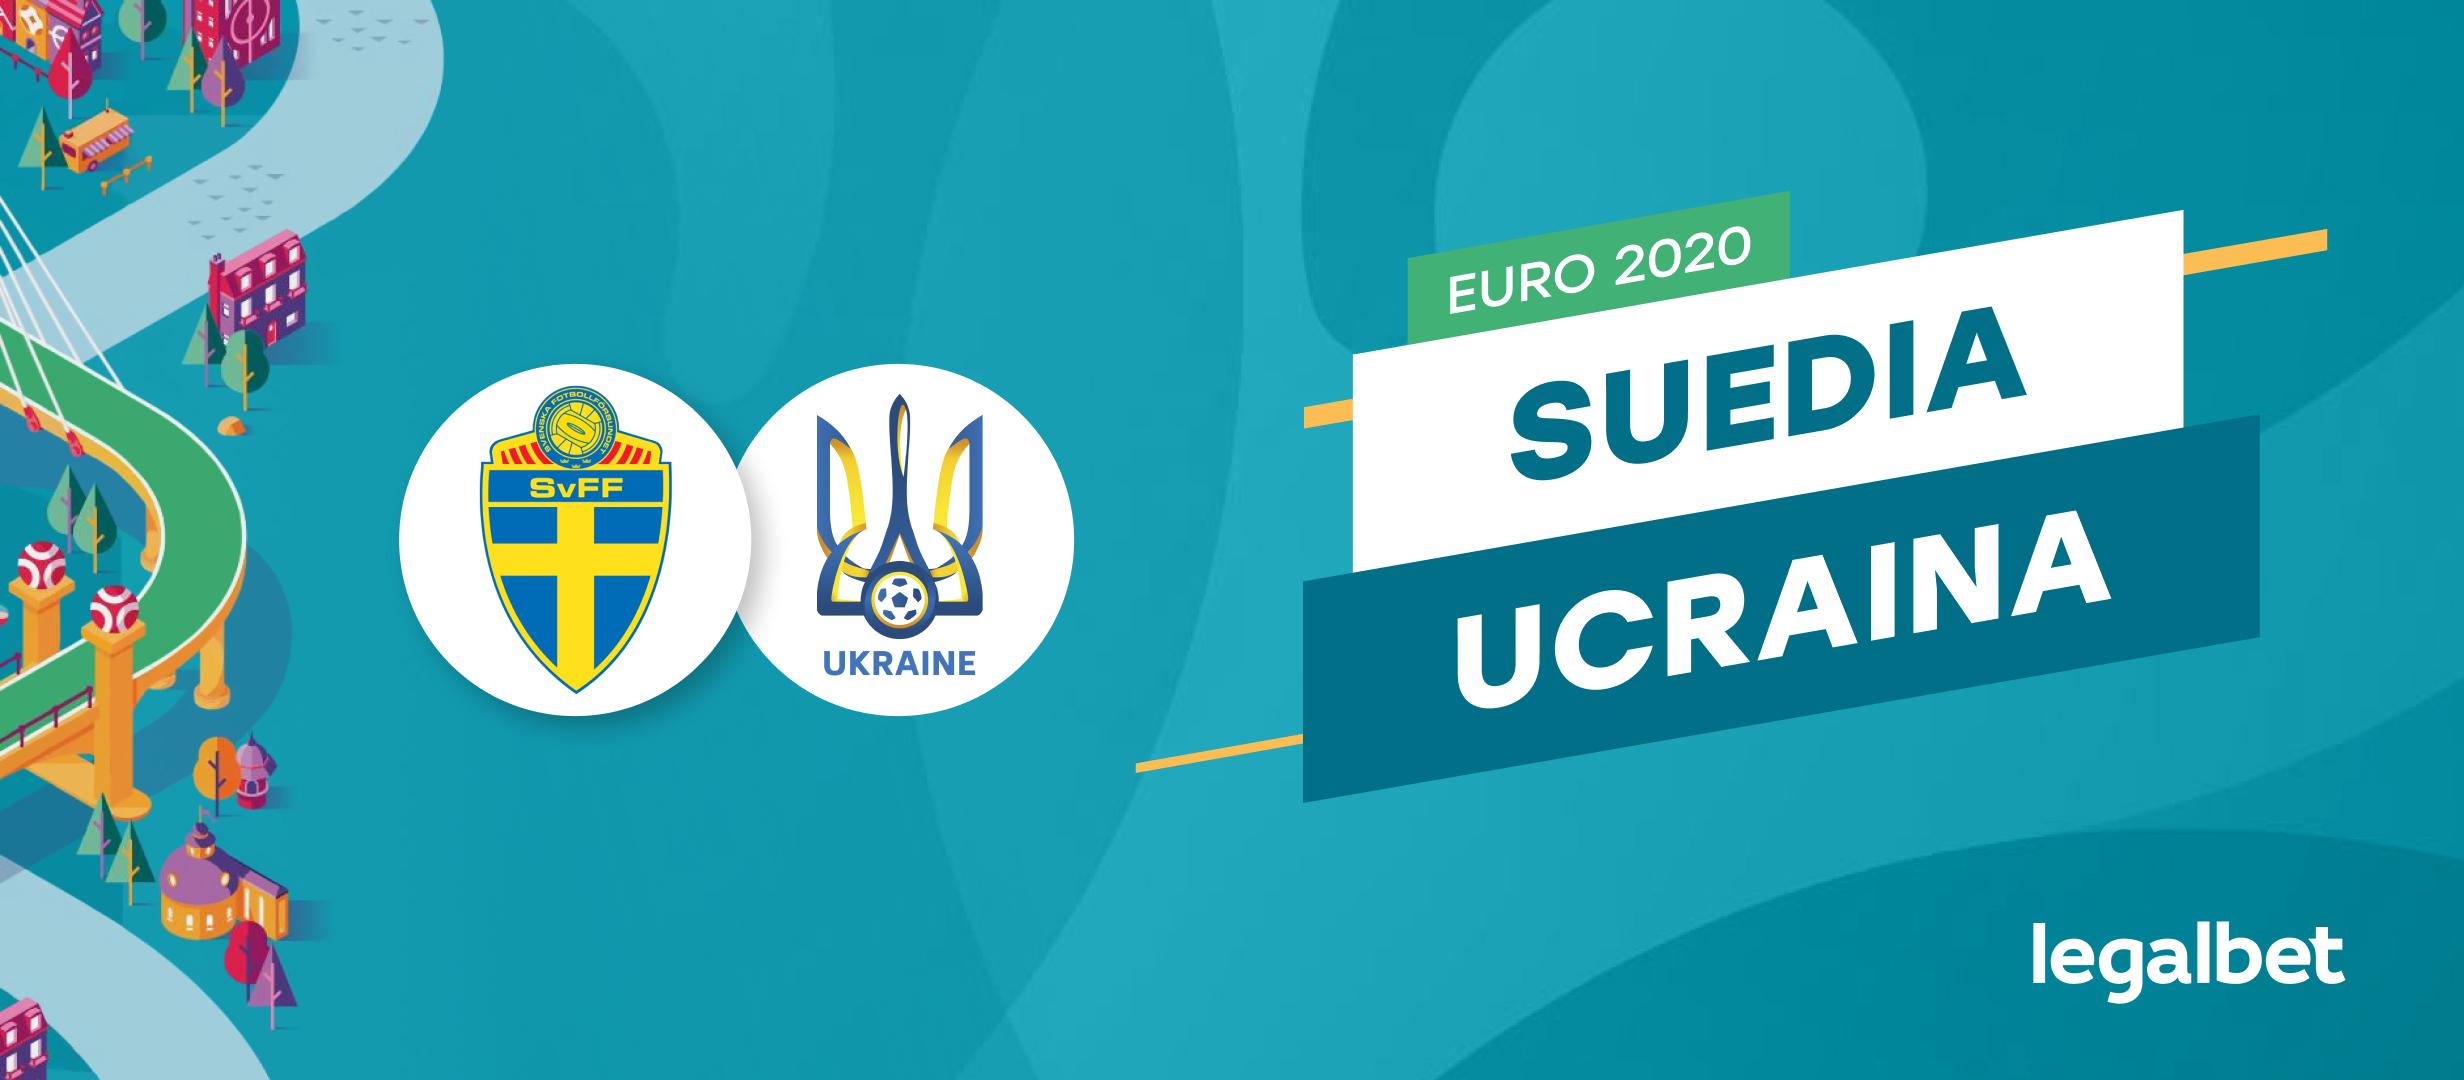 Suedia - Ucraina, cote la pariuri, ponturi şi informaţii